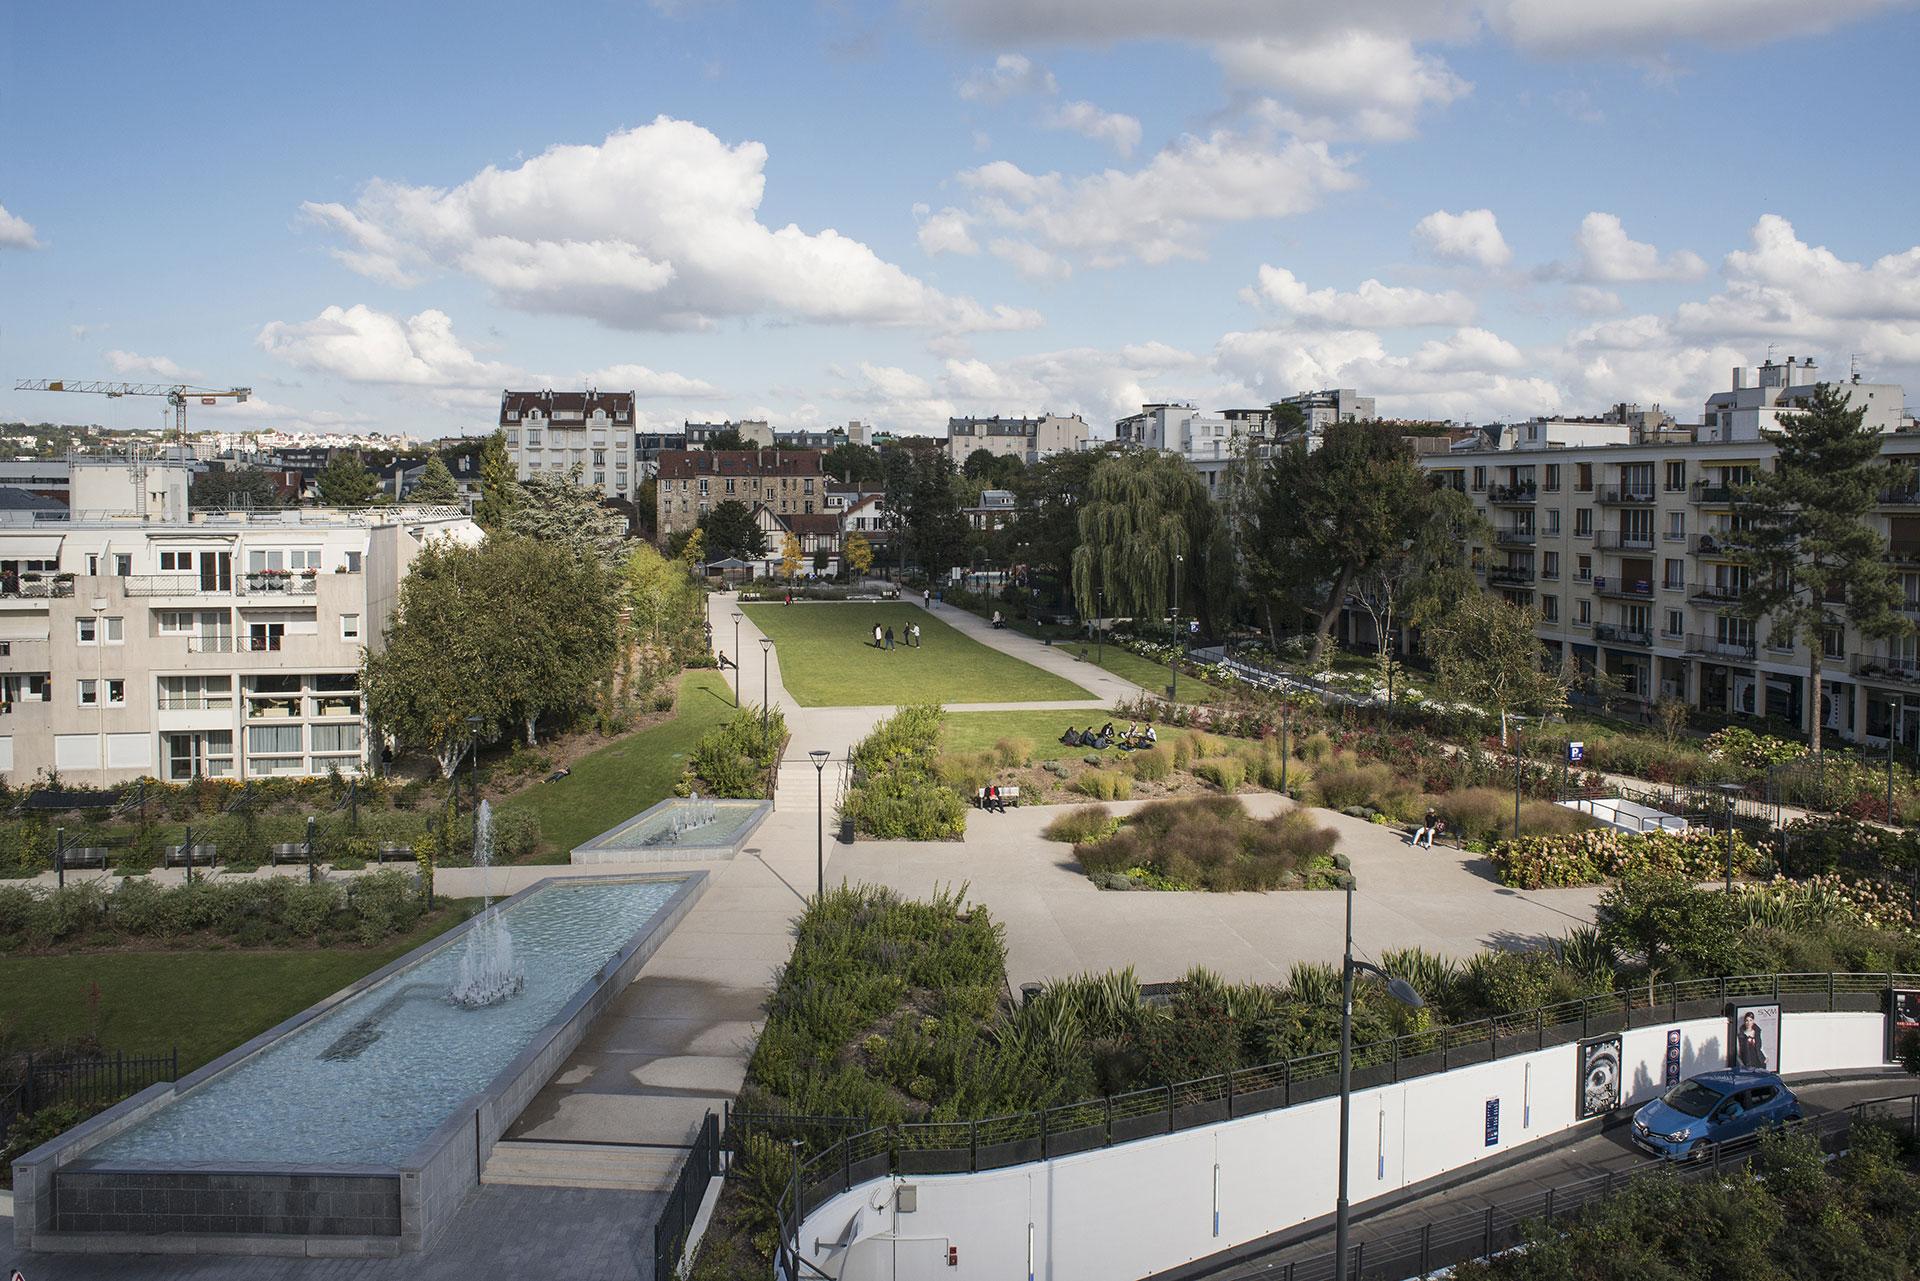 Villemessant Parc